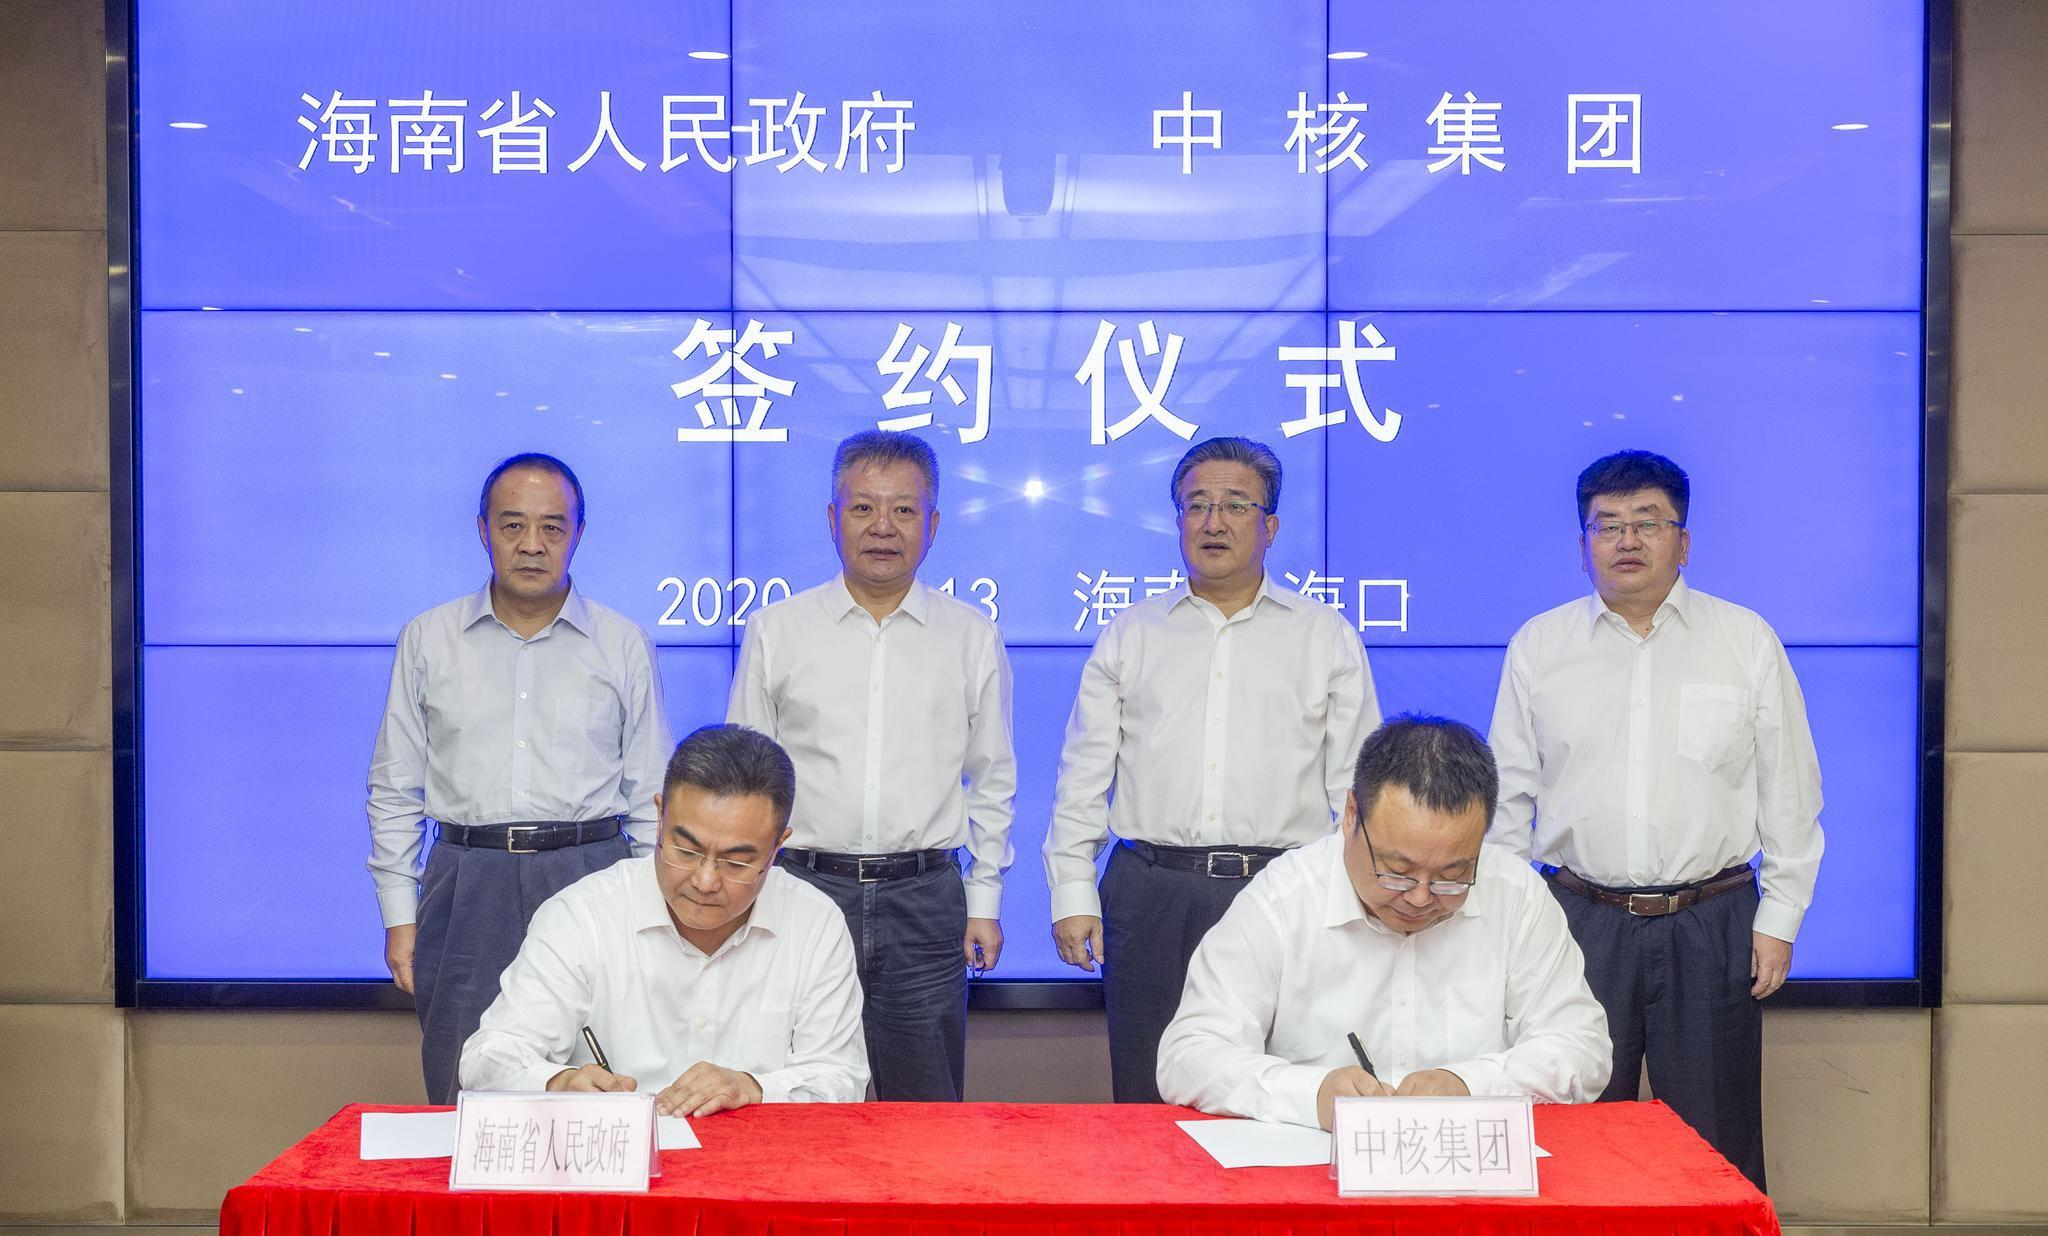 省政府与中核集团签署全面深化战略合作协议图片